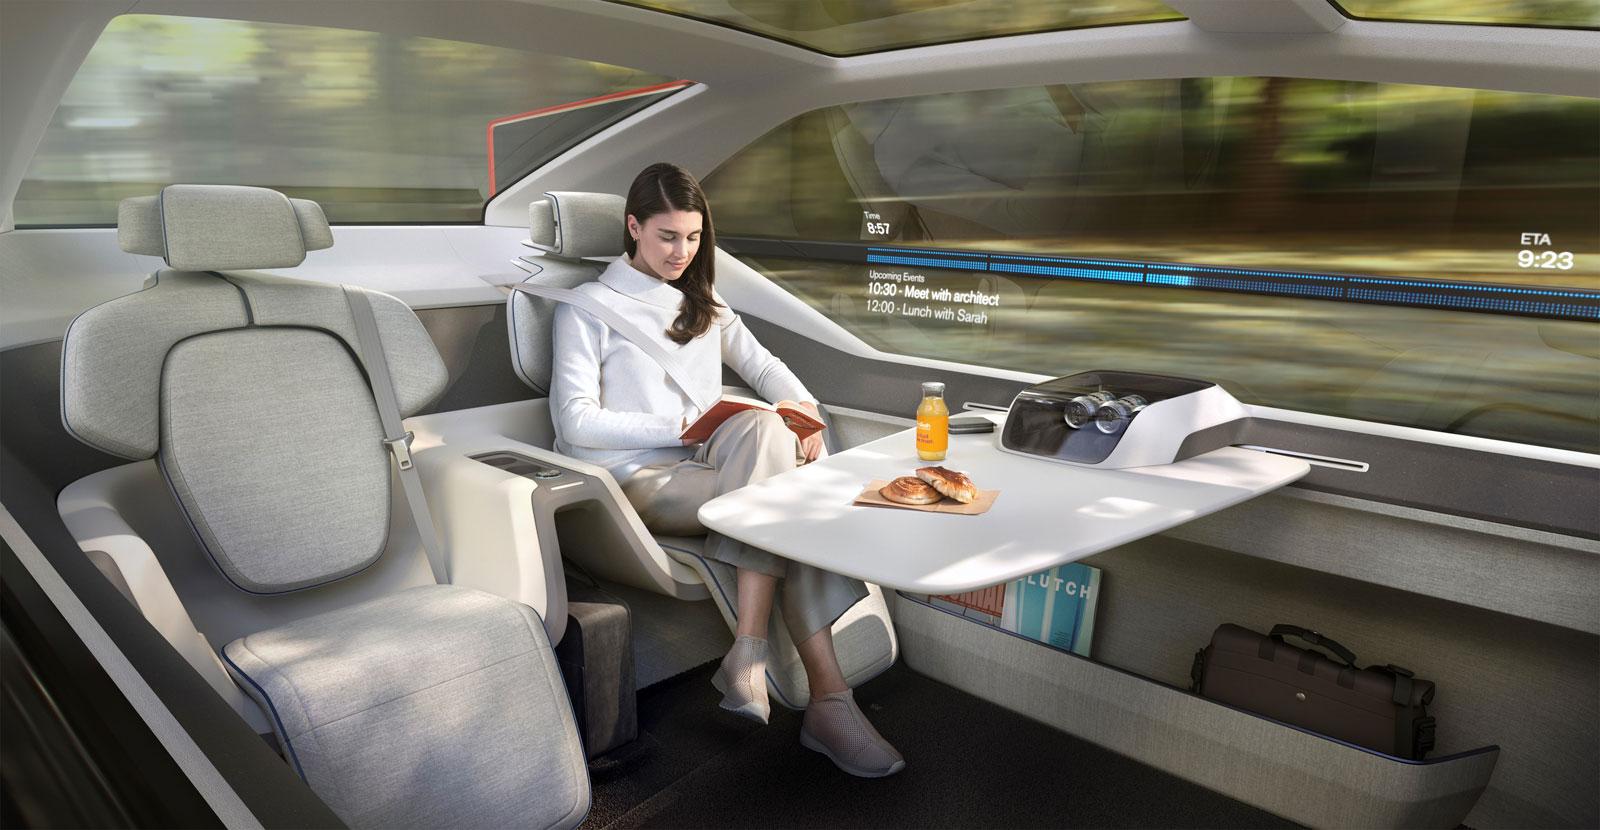 Volvo-360c-Autonomous-Concept-Interior-01.jpg